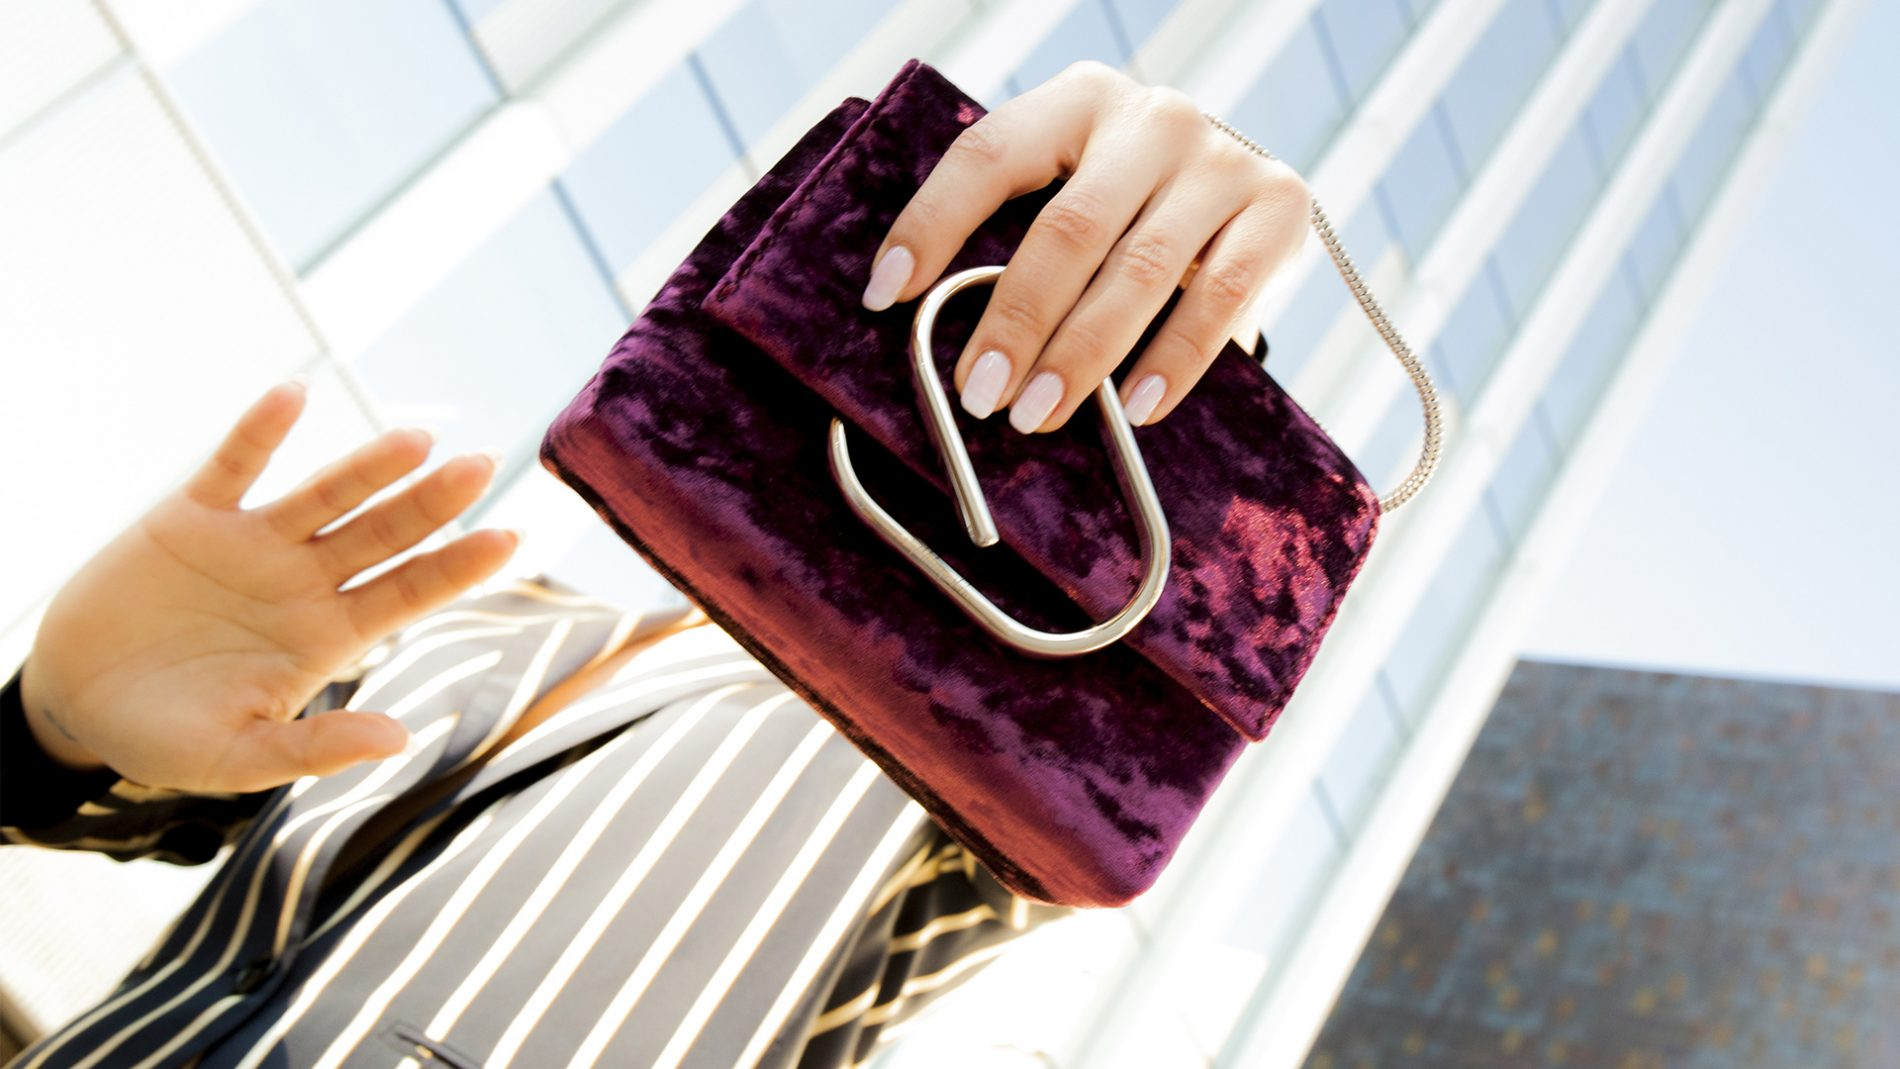 El Corte Inglés Designer Handbags 3.1 Phillip Lim